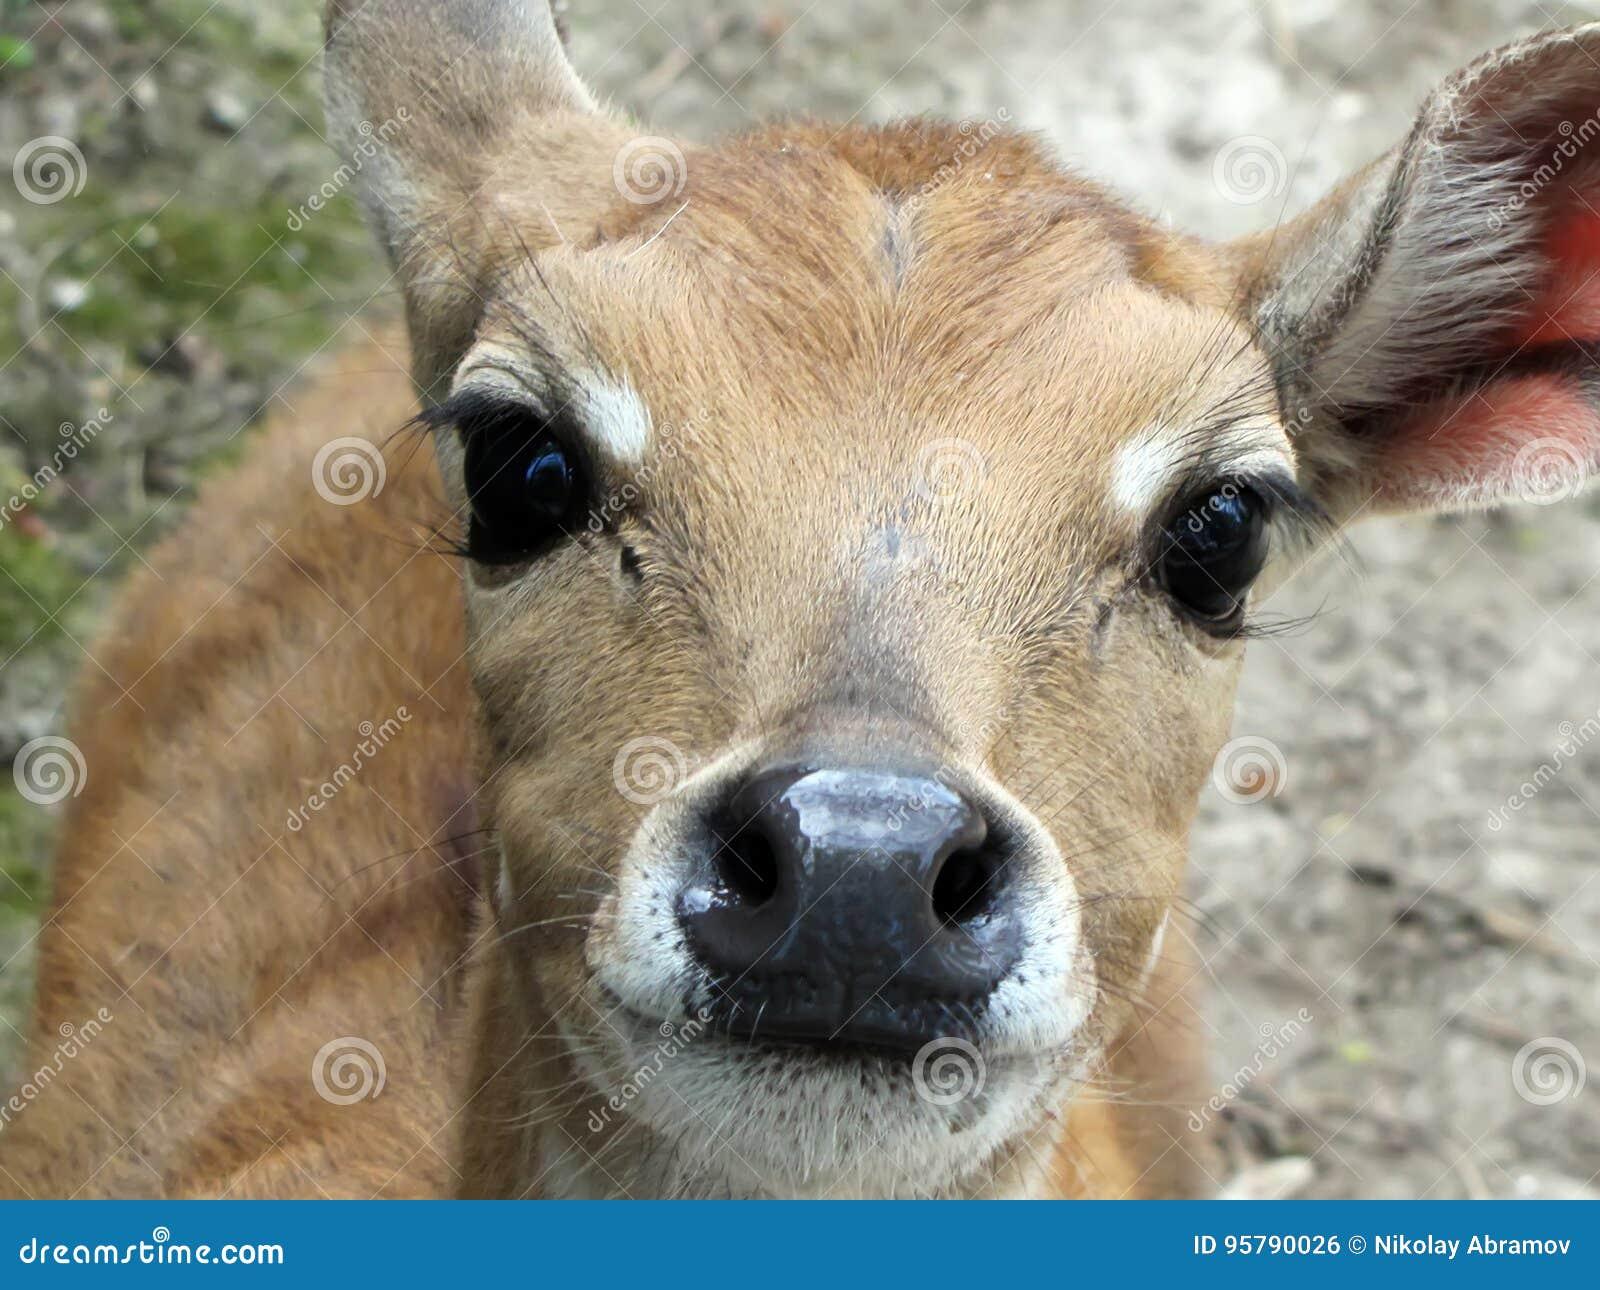 鹿在动物园里,看在房间